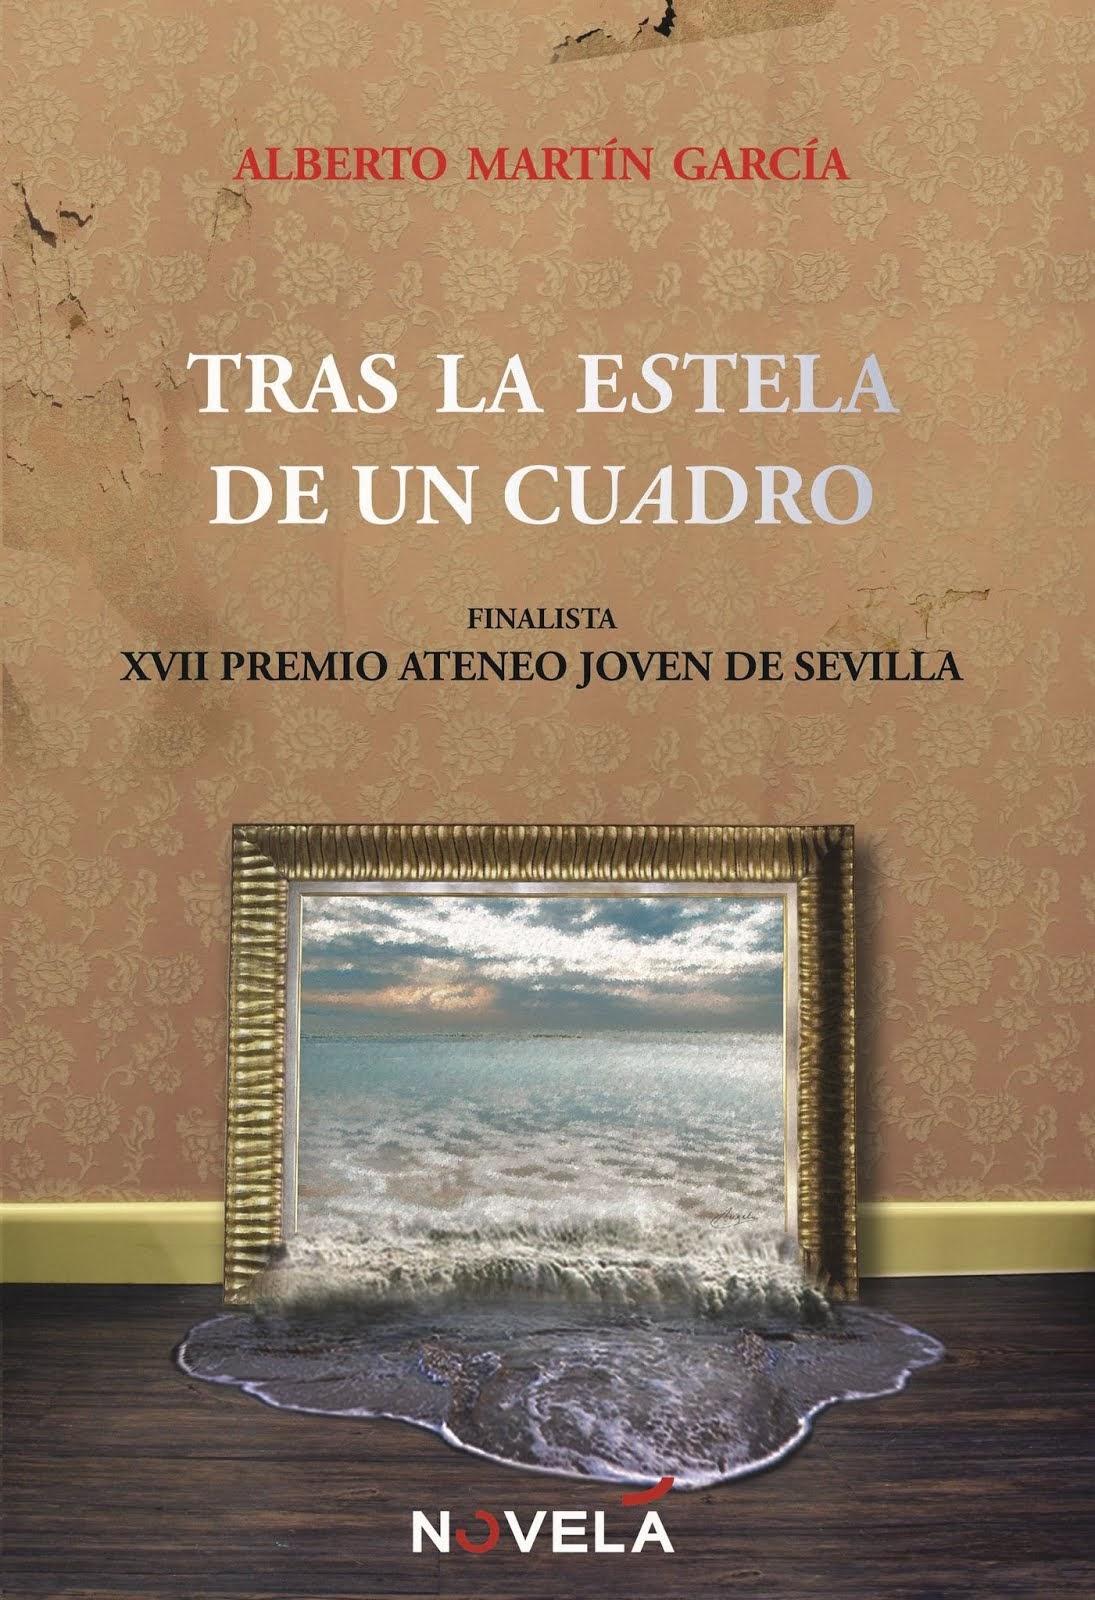 Tras la Estela de un Cuadro (Alberto Martín)